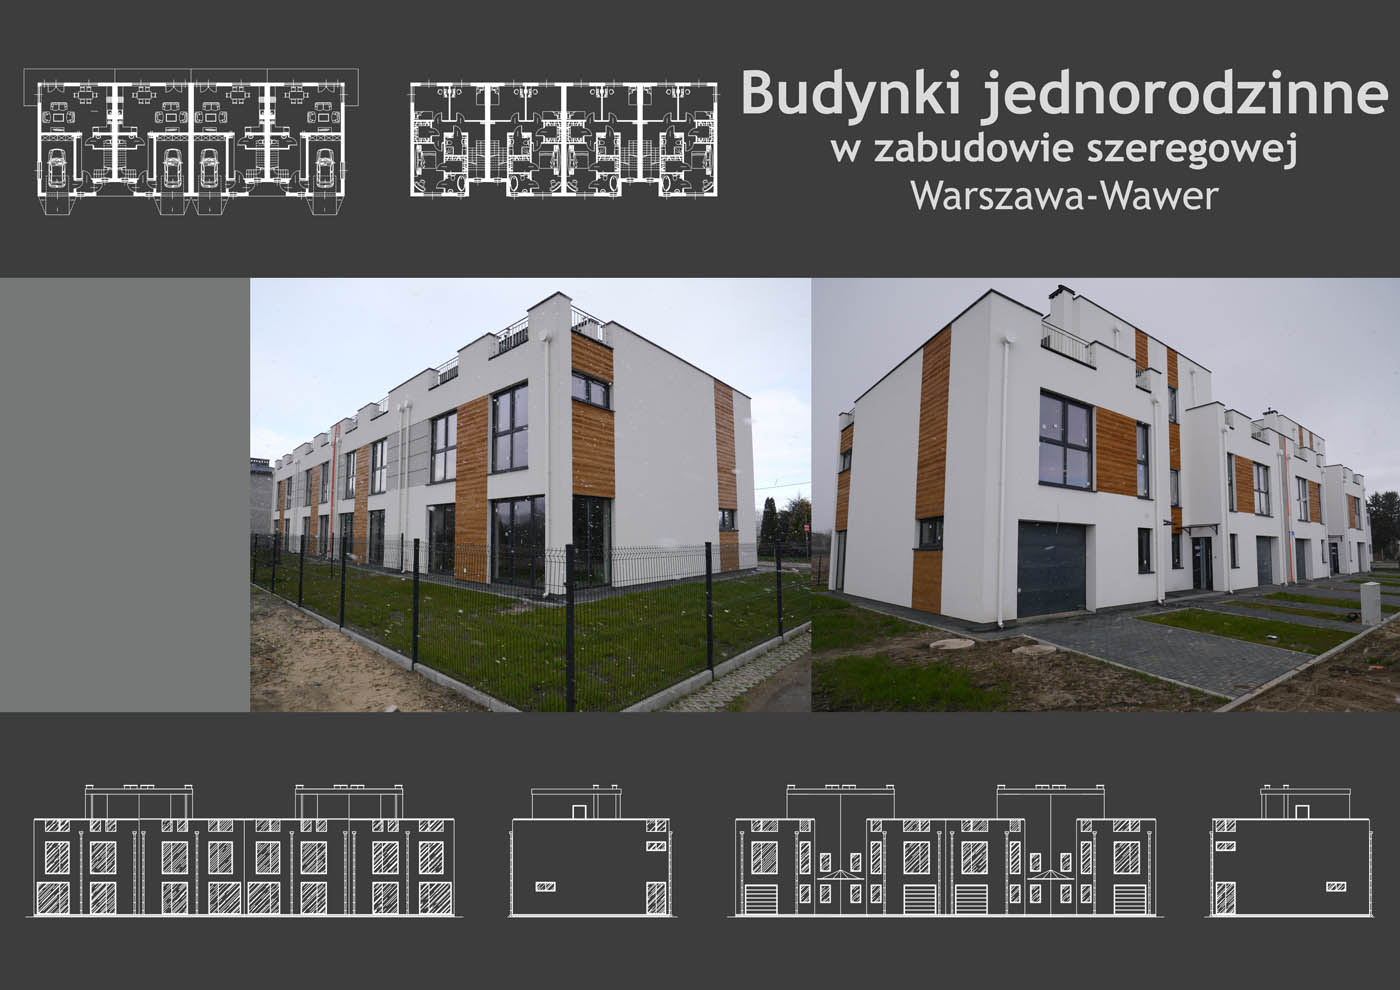 Budynki jednorodzinne w zabudowie szeregowej Warszawa-Wawer